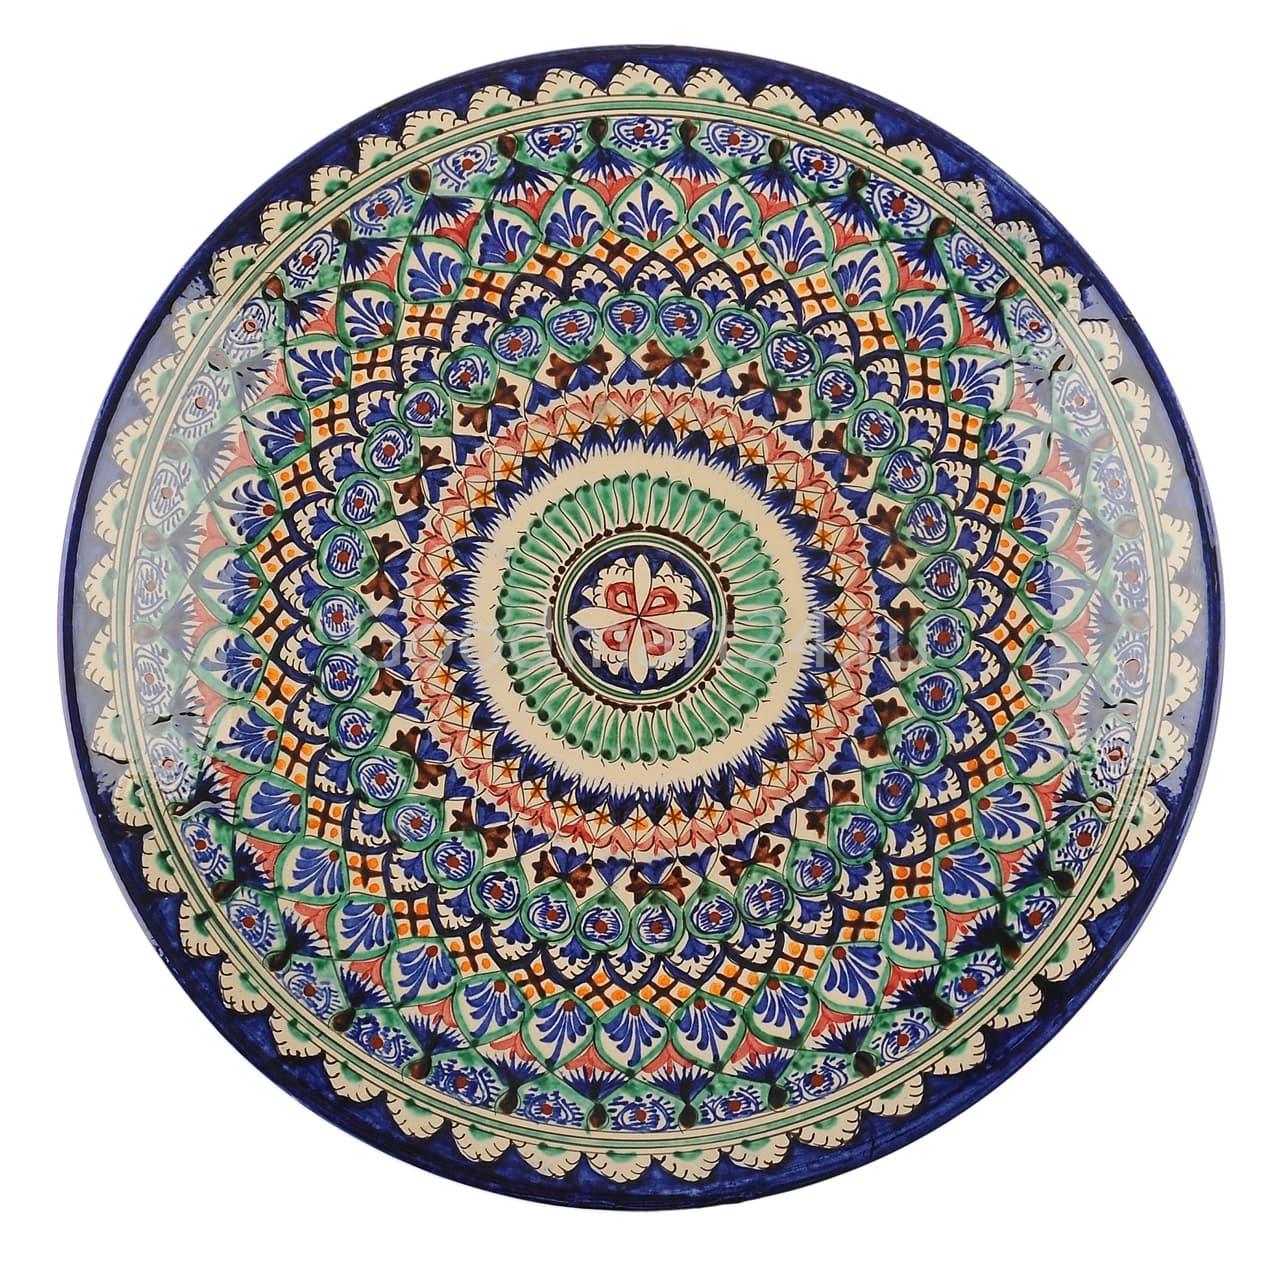 Ляган Риштанская Керамика 38 см. плоский, синий - фото 7324